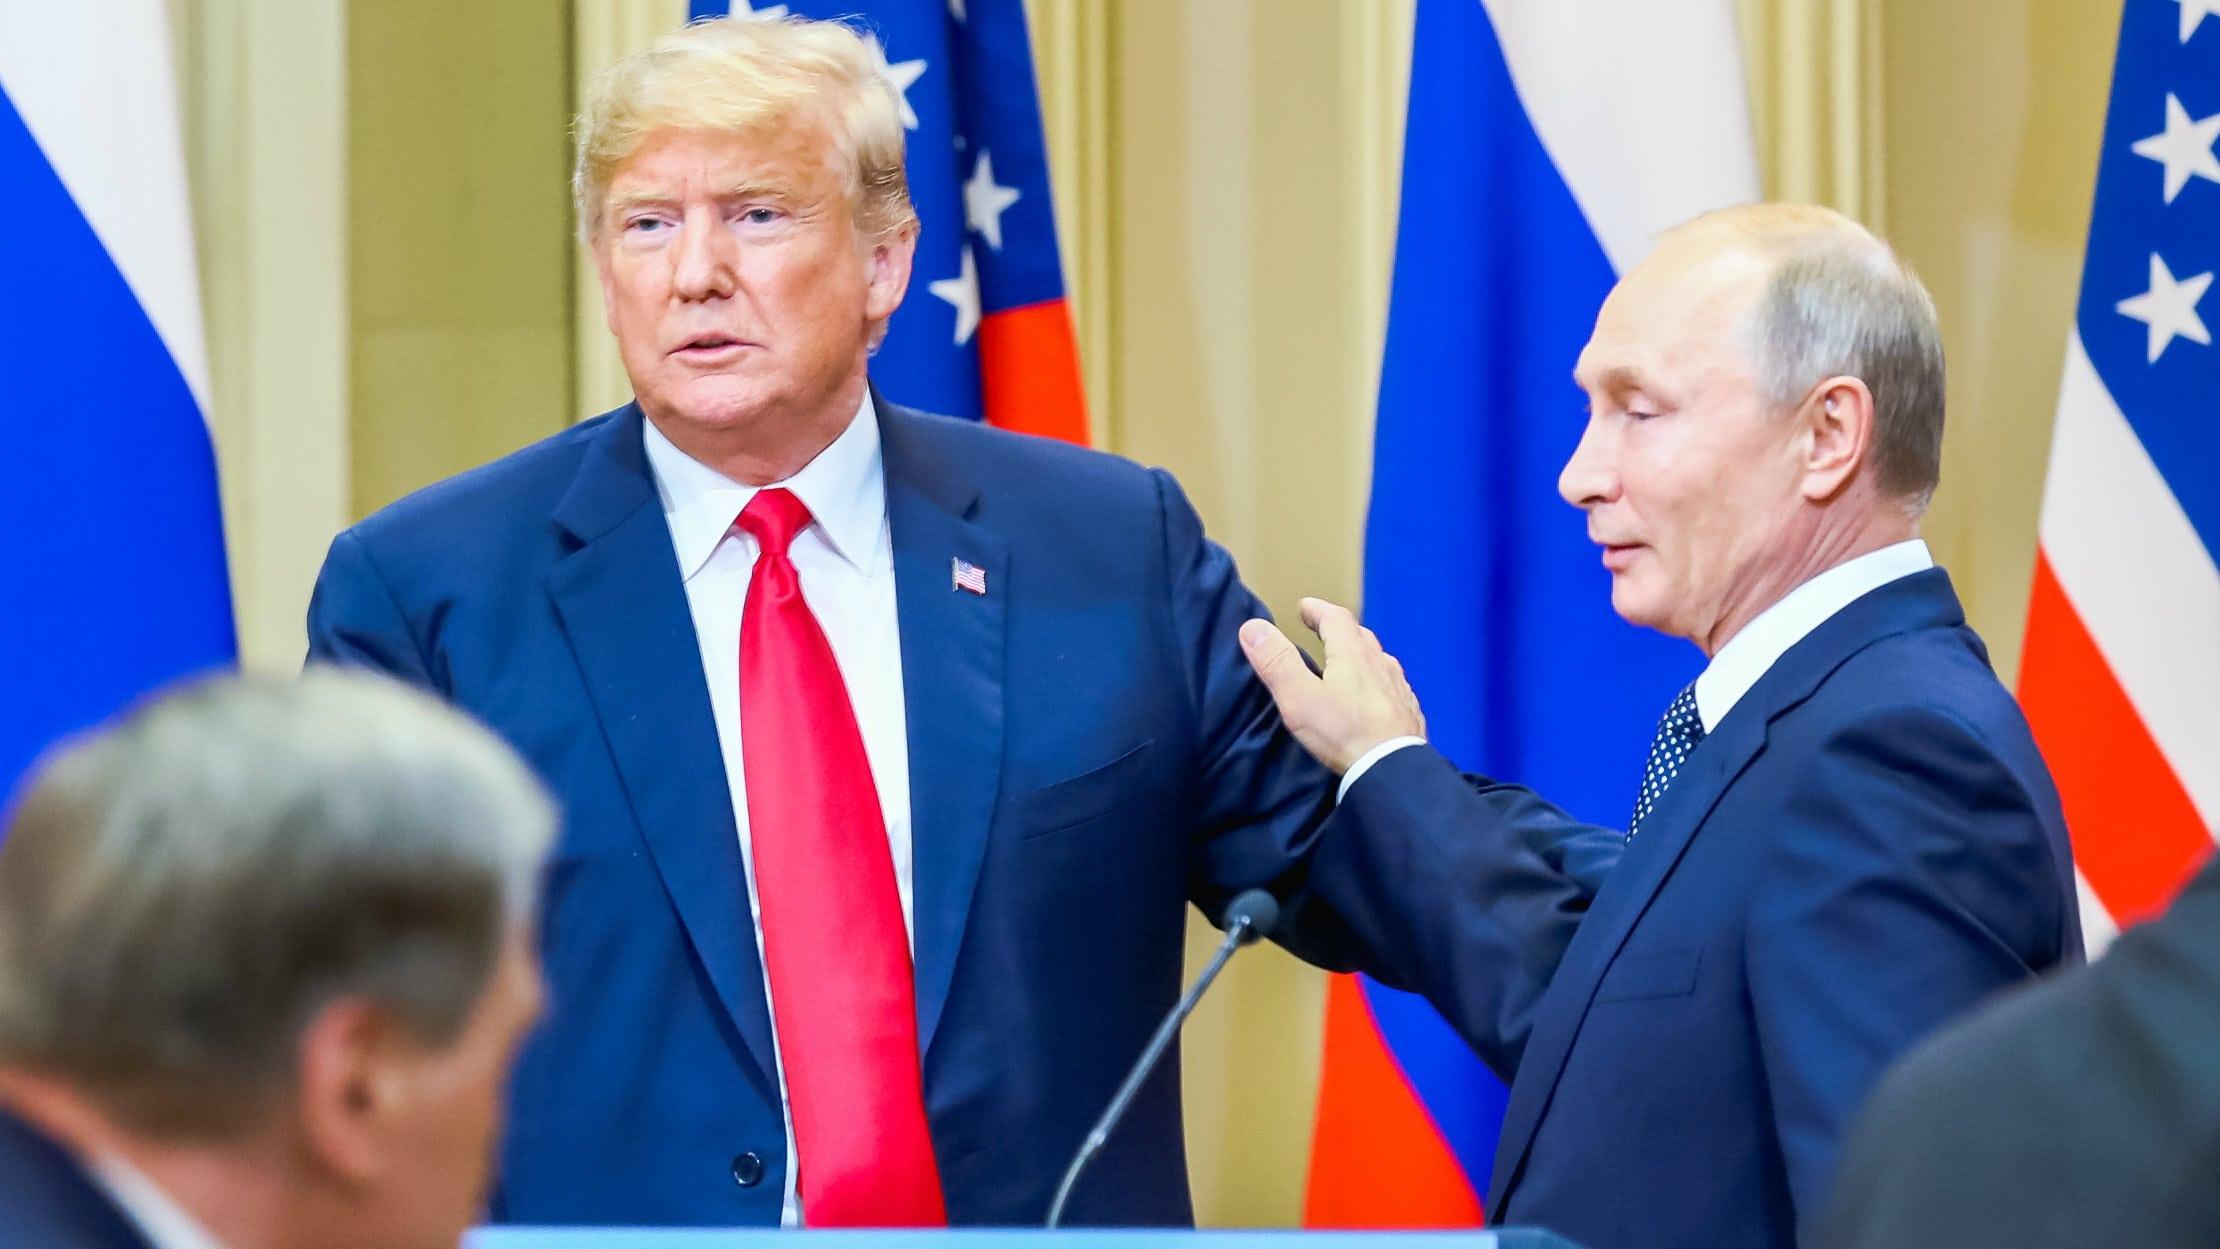 Nelagoda zbog Trampovog poziva Putinu da poseti SAD 1